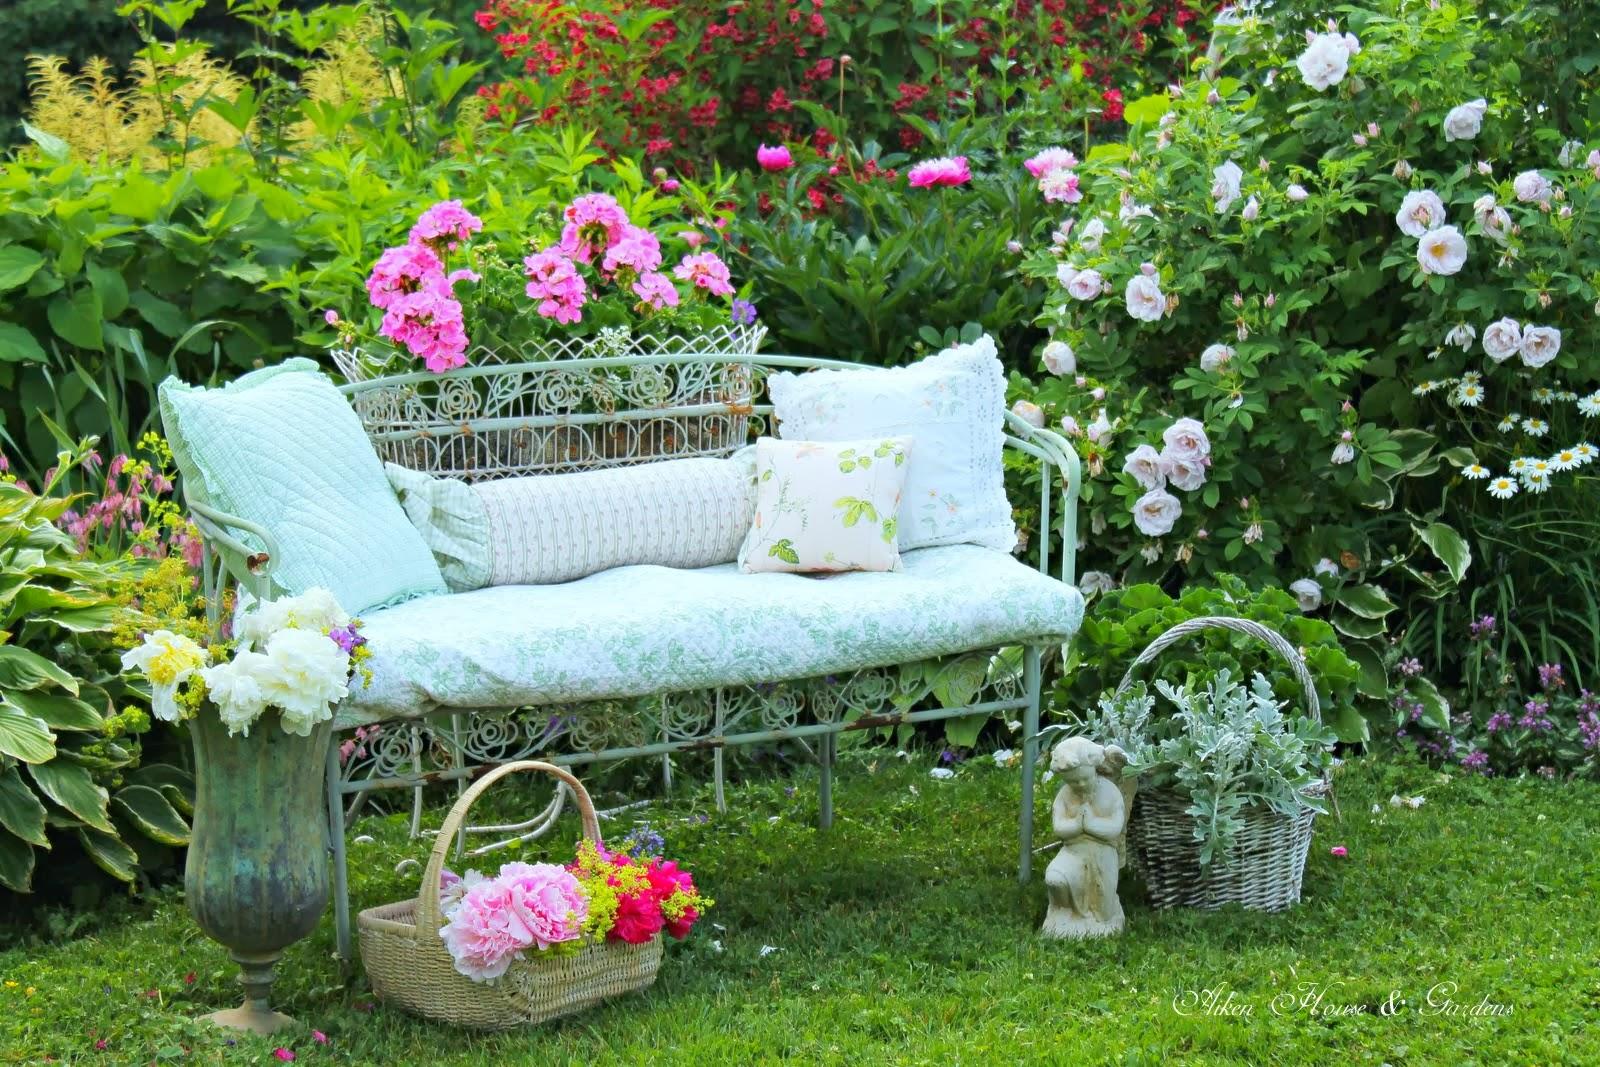 Garden Summer Houses Cheap: Home And Garden Information Center